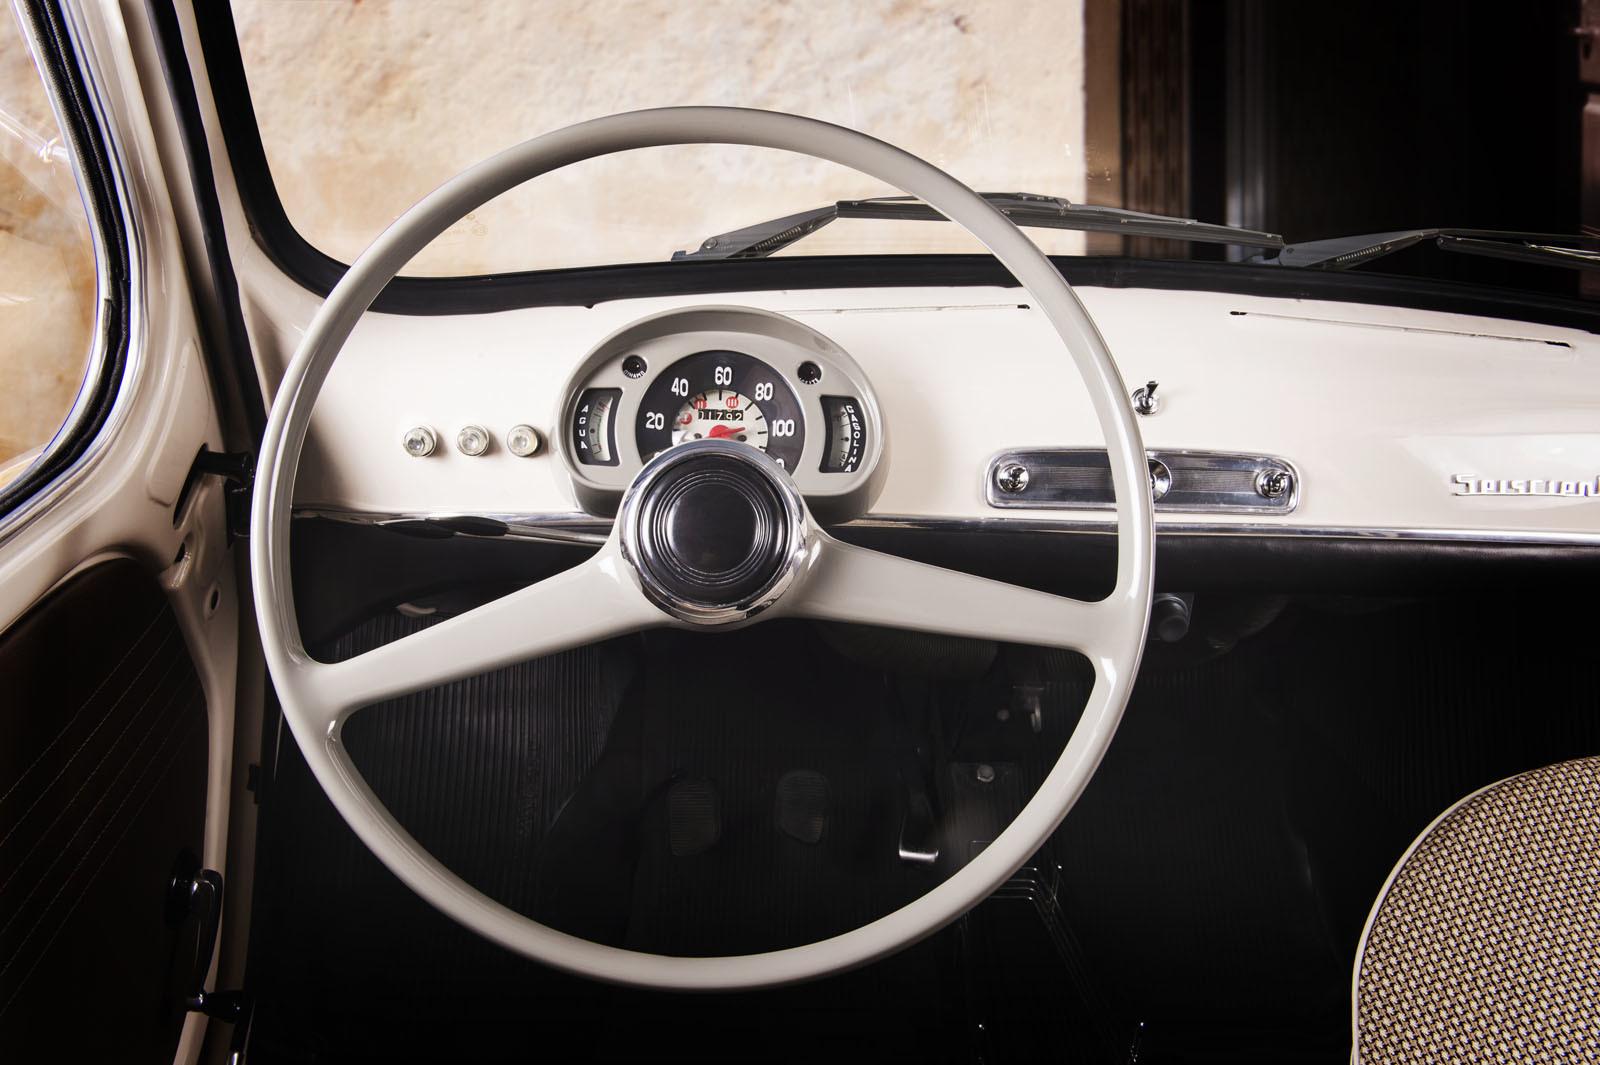 Foto de SEAT 600 (50 Aniversario) (9/64)